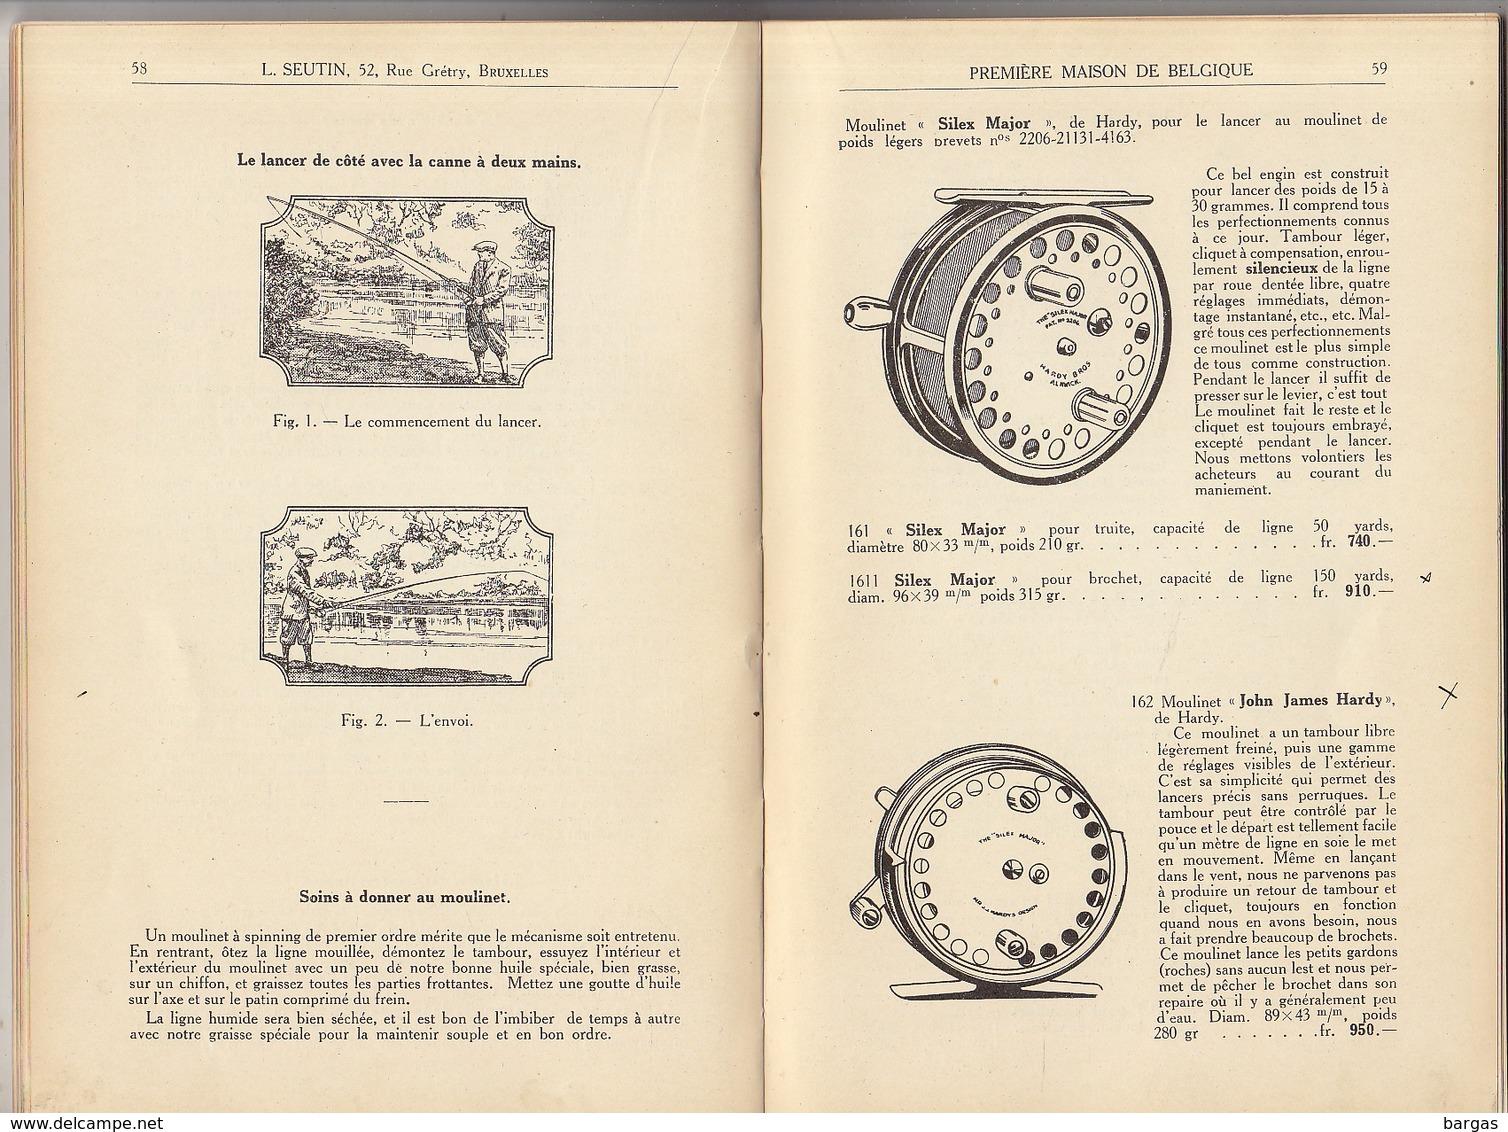 Rare Livre Catalogue De Pêche Léon Seutin Bruxelles Mouche Lancer Moulinet Canne Truite Saumon - Livres, BD, Revues